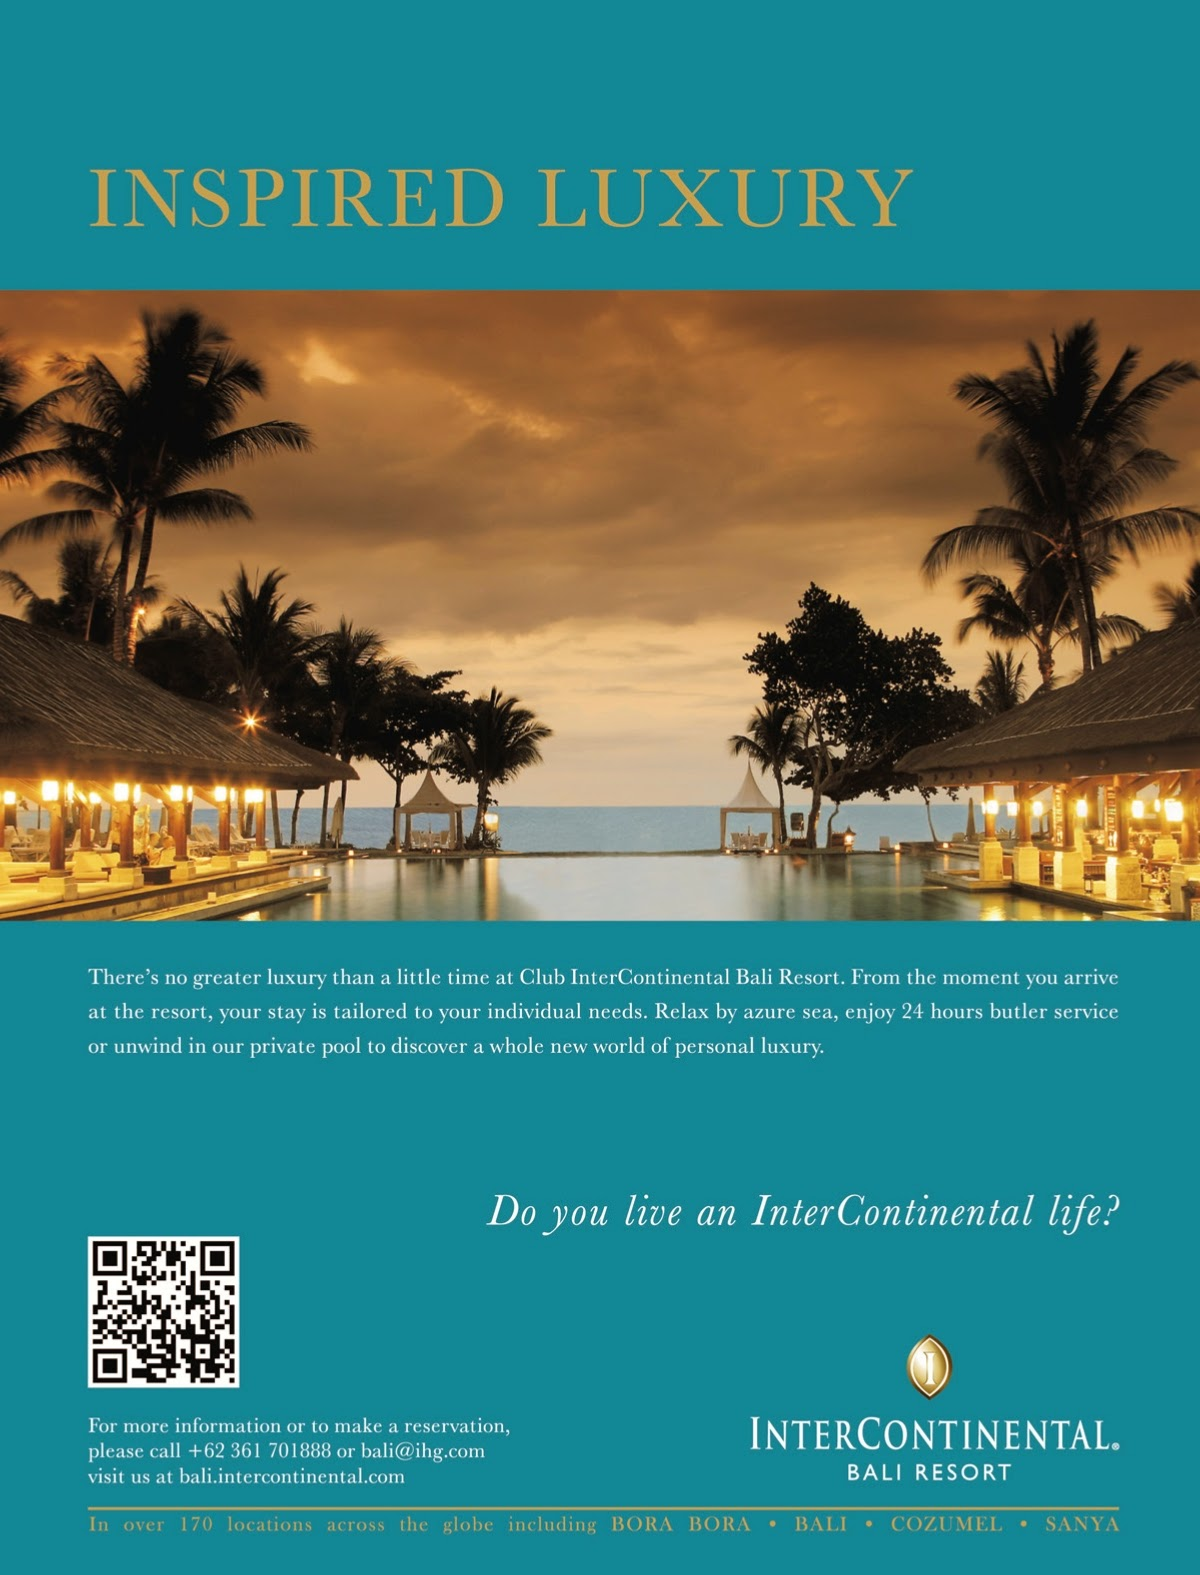 63 Desain Halaman Majalah Terbaru